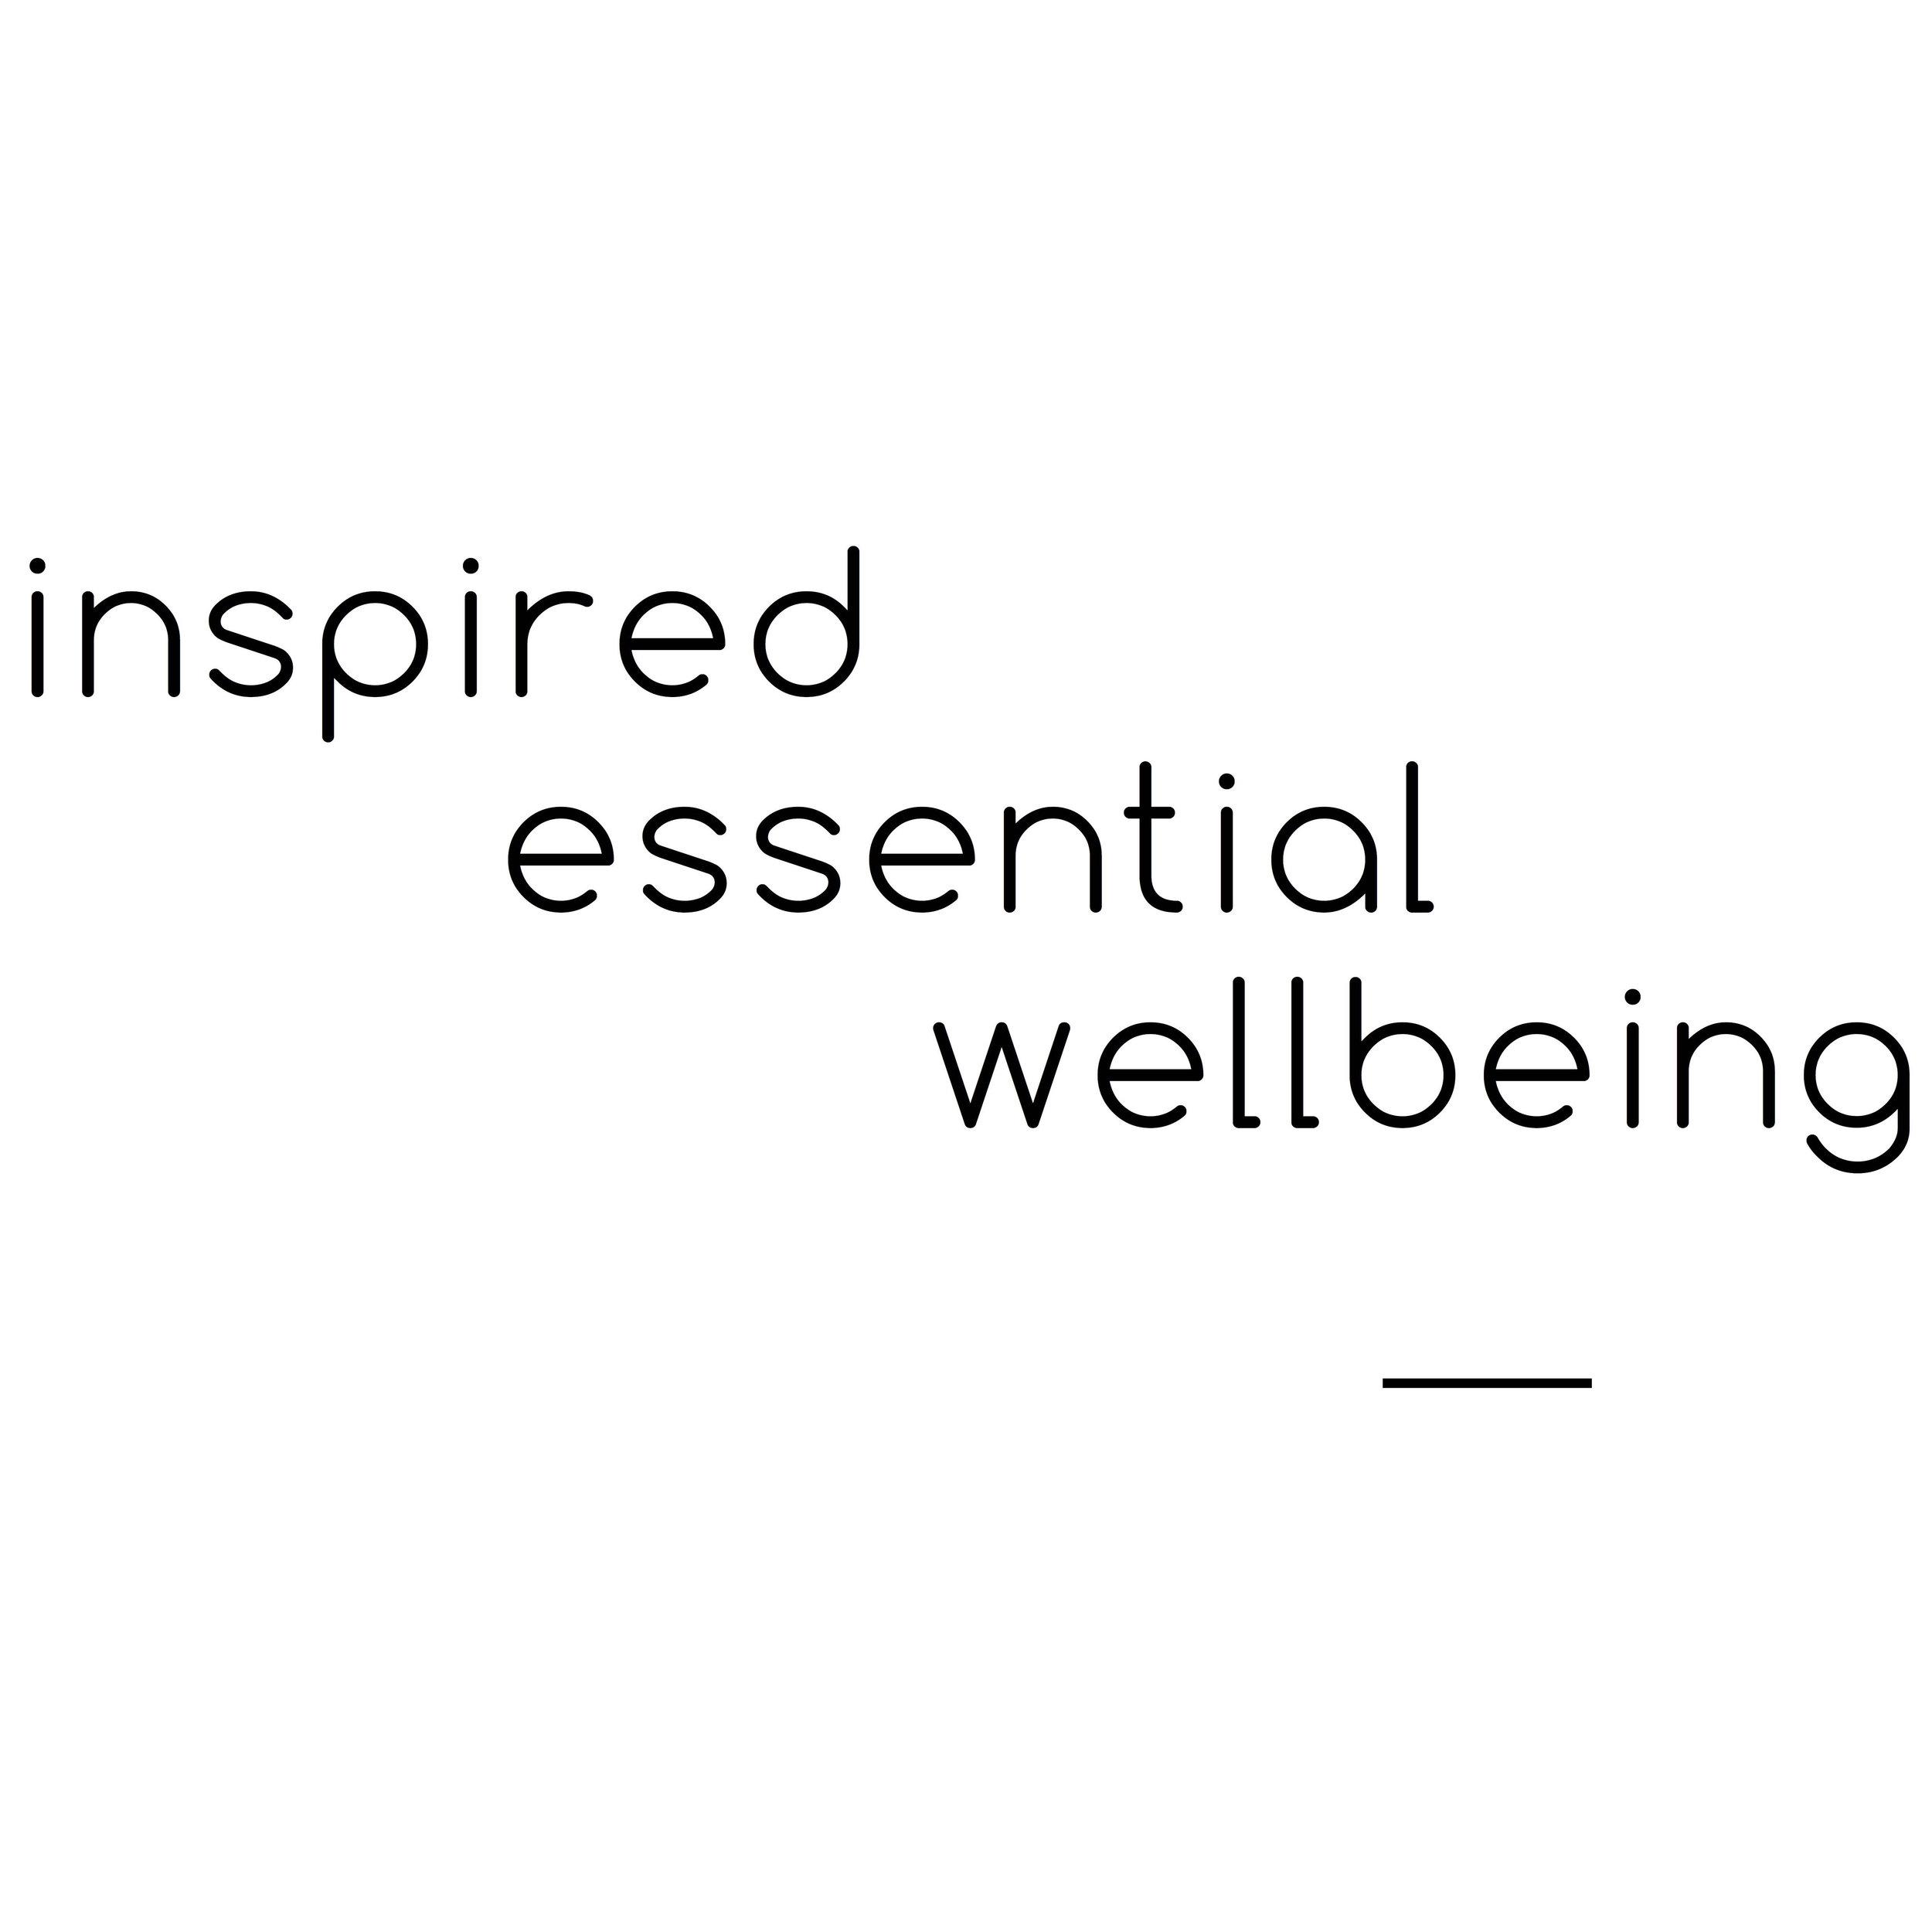 inspired essential wellbeing.jpg